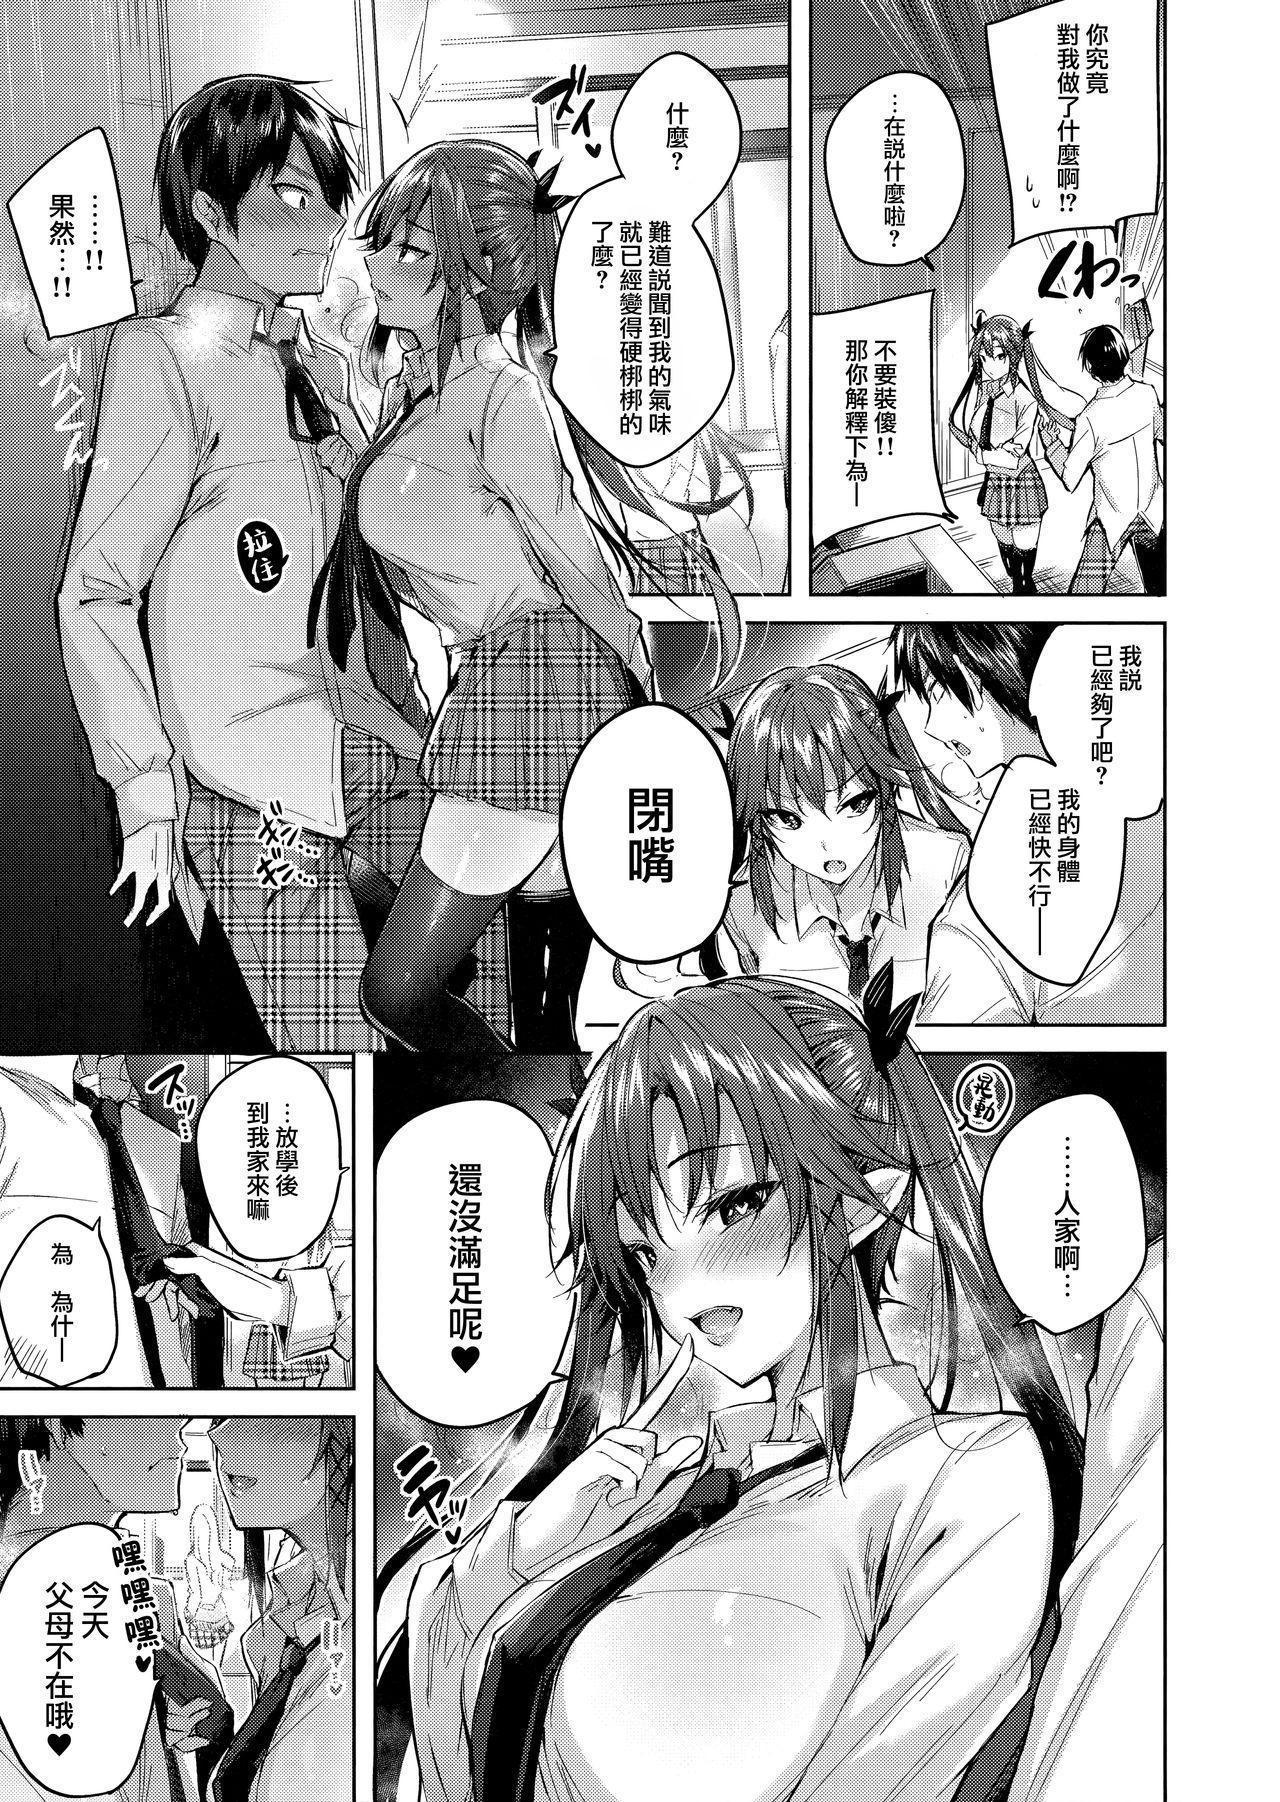 Koakuma Setsuko no Himitsu Vol. 4 8